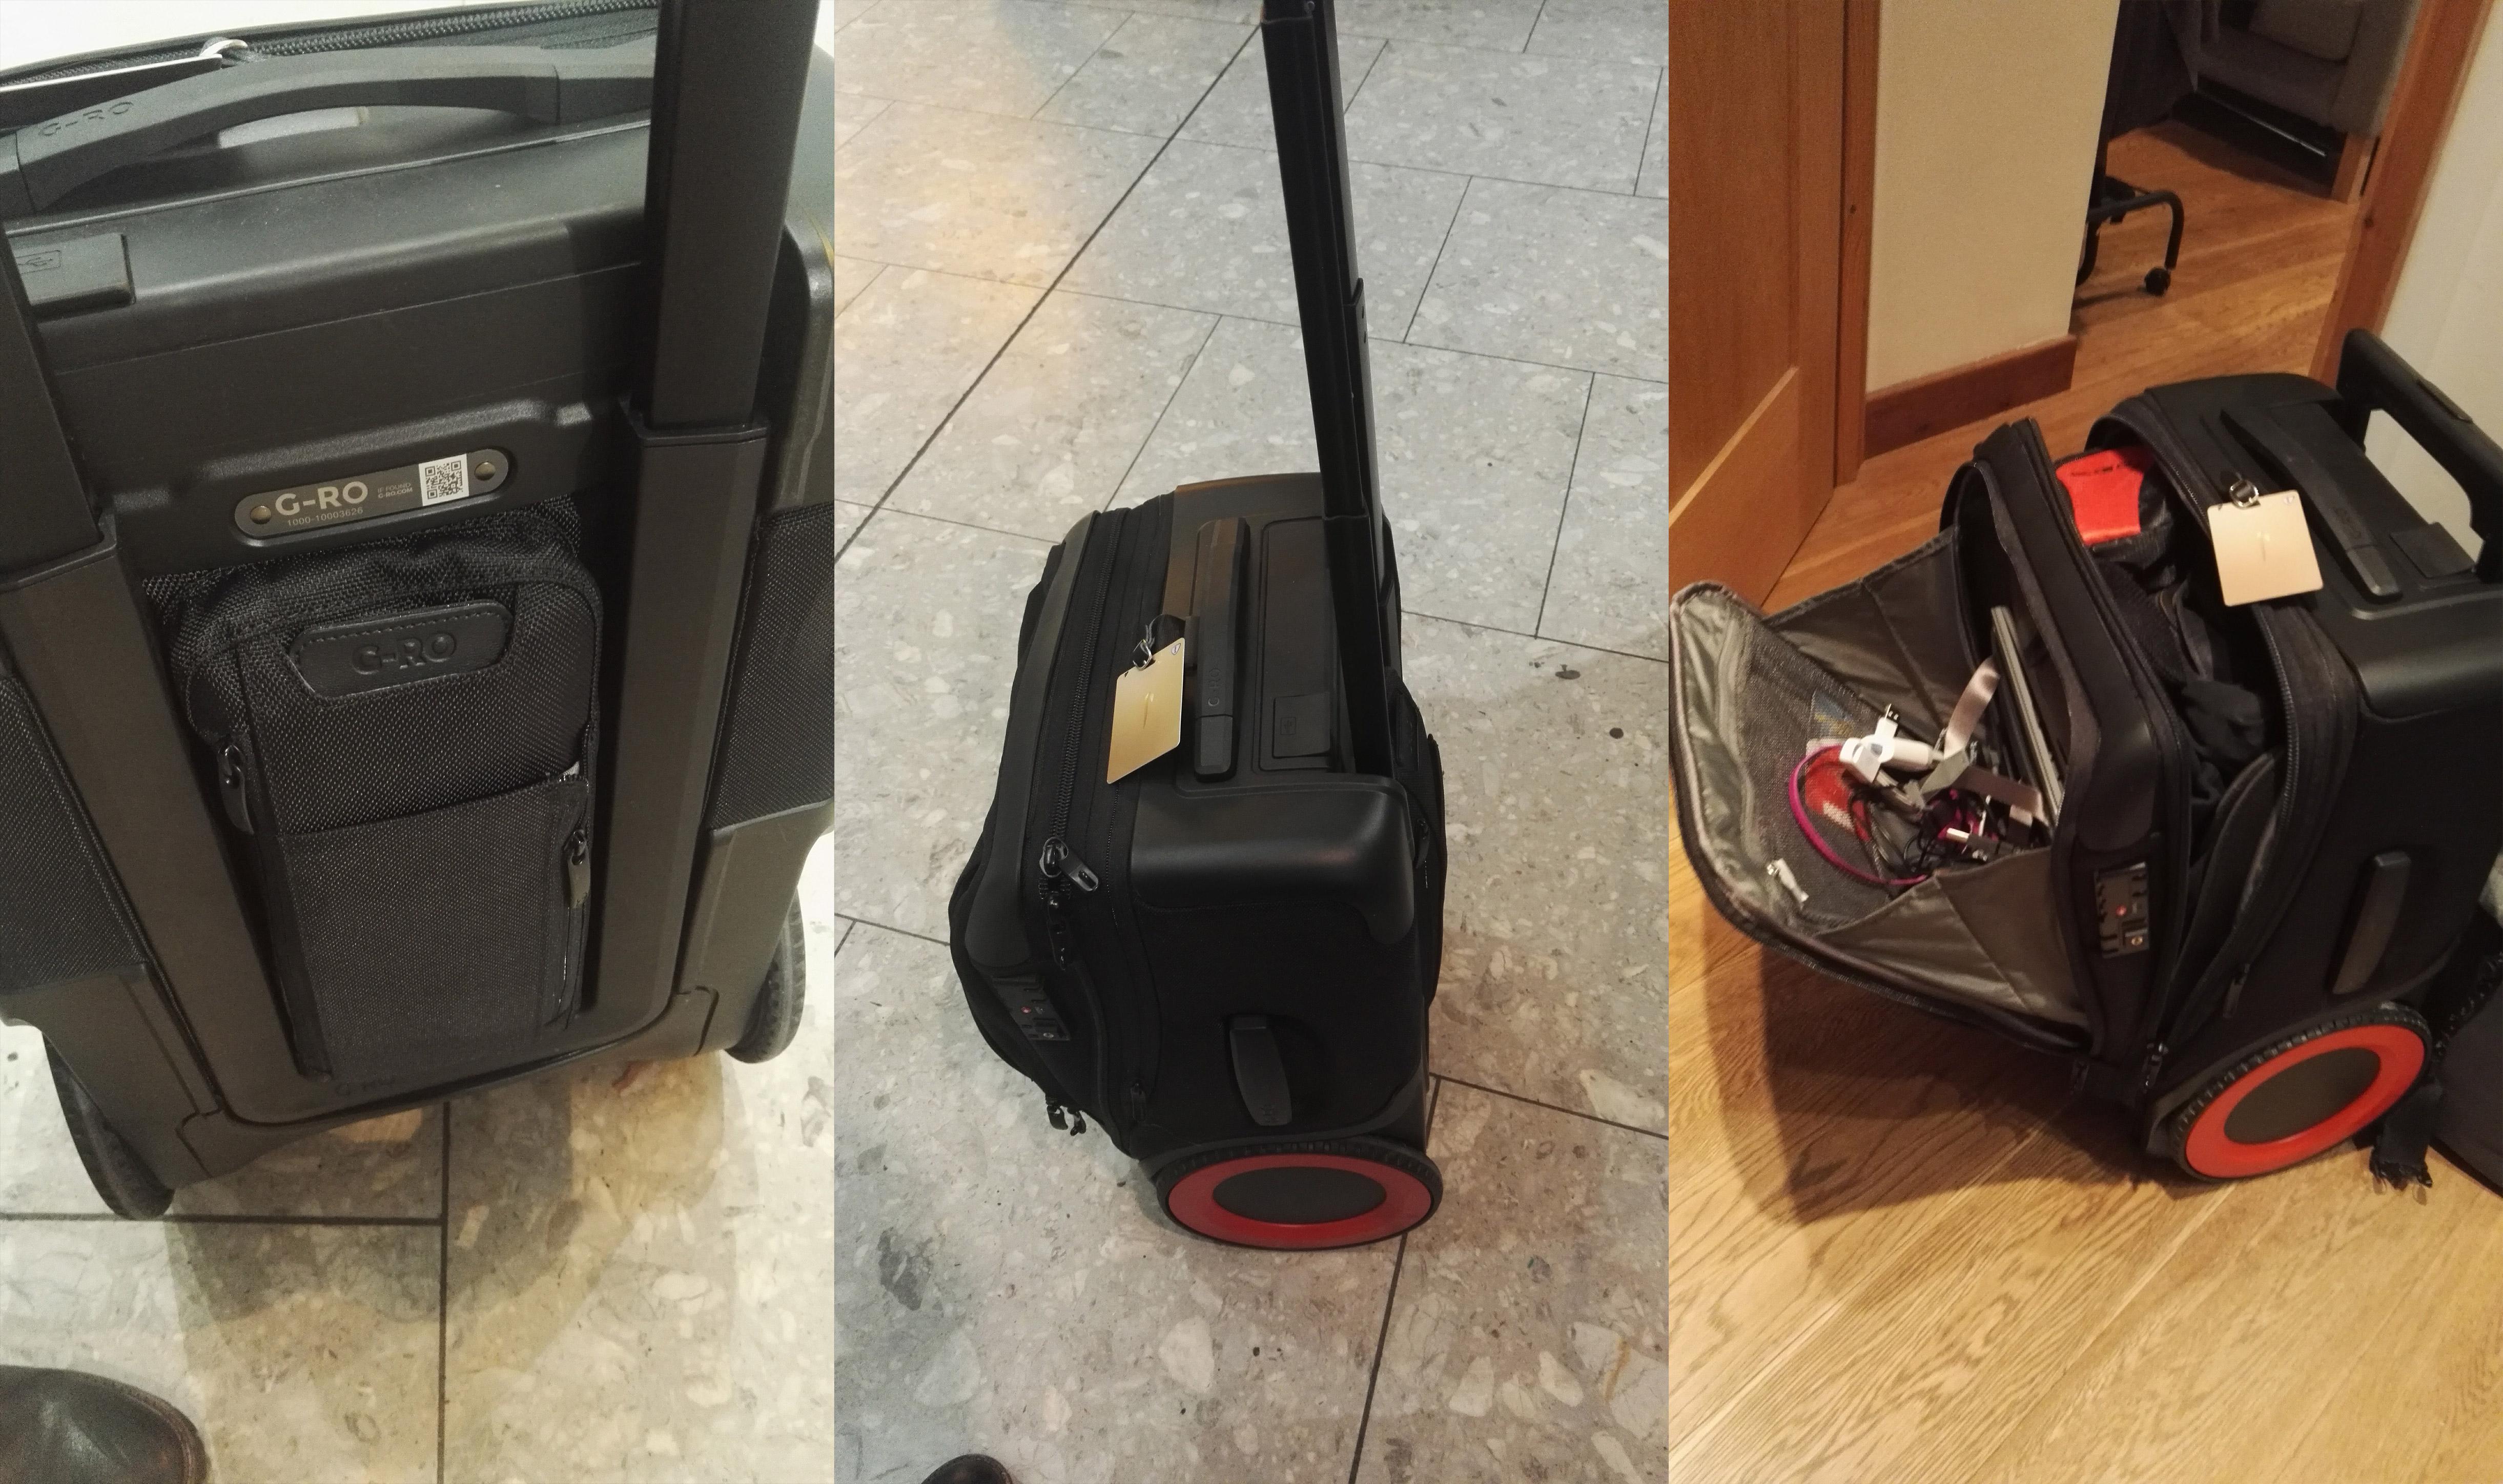 Bag between handle bars, tilted standing and open G-Ro